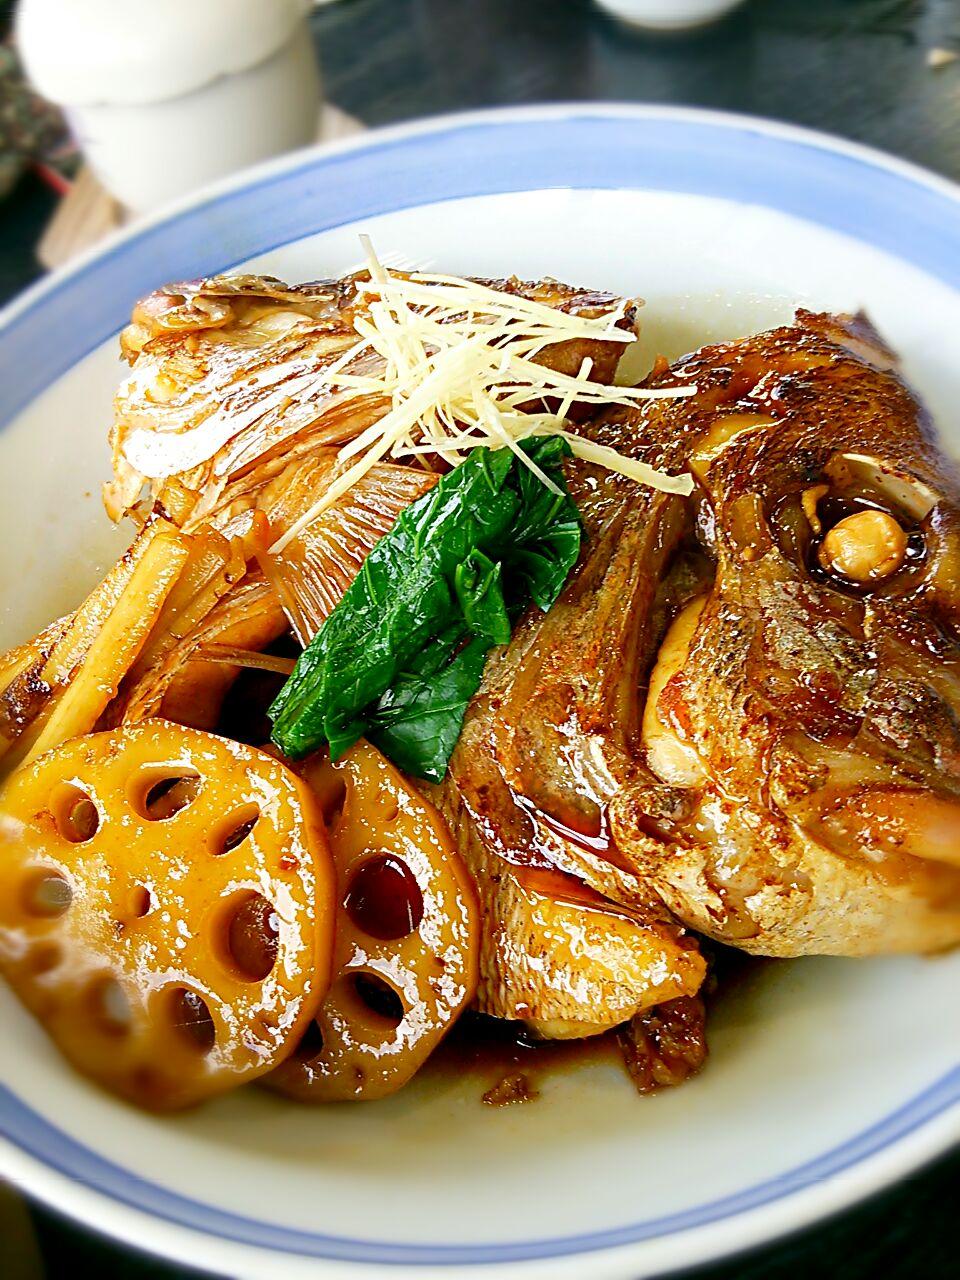 鯛 切り身 レシピ 鯛のレシピ - プロのレシピならレタスクラブ